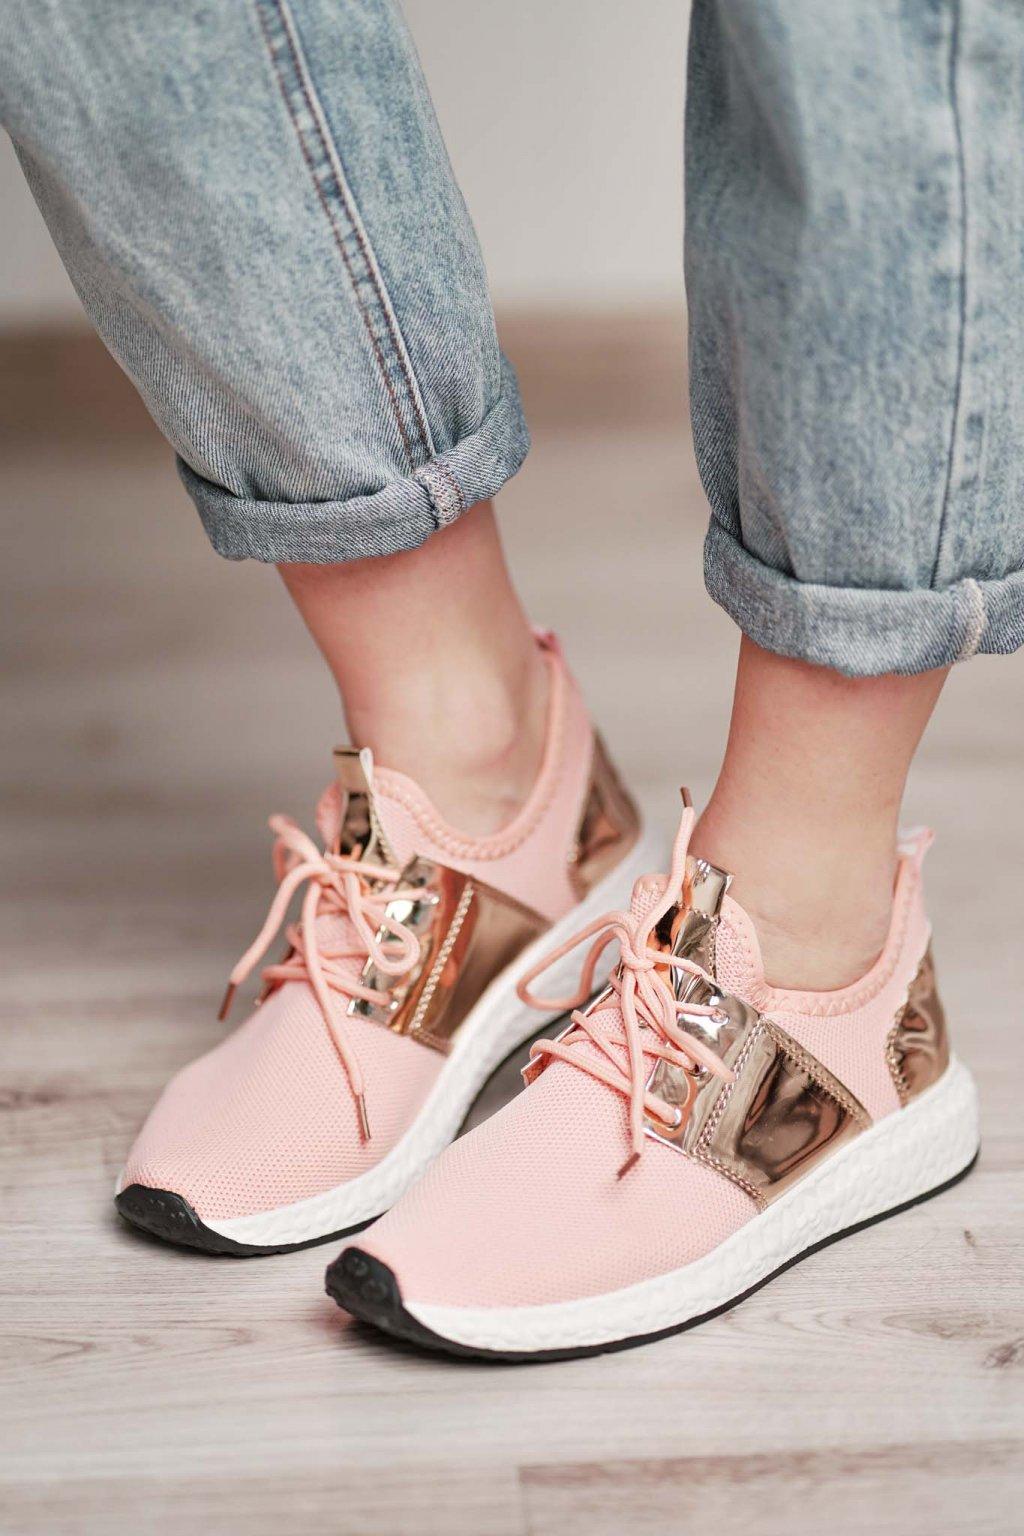 topánky, obuv, tenisky, botasky, lodičky, čižmy, šľapky, sandálky 449